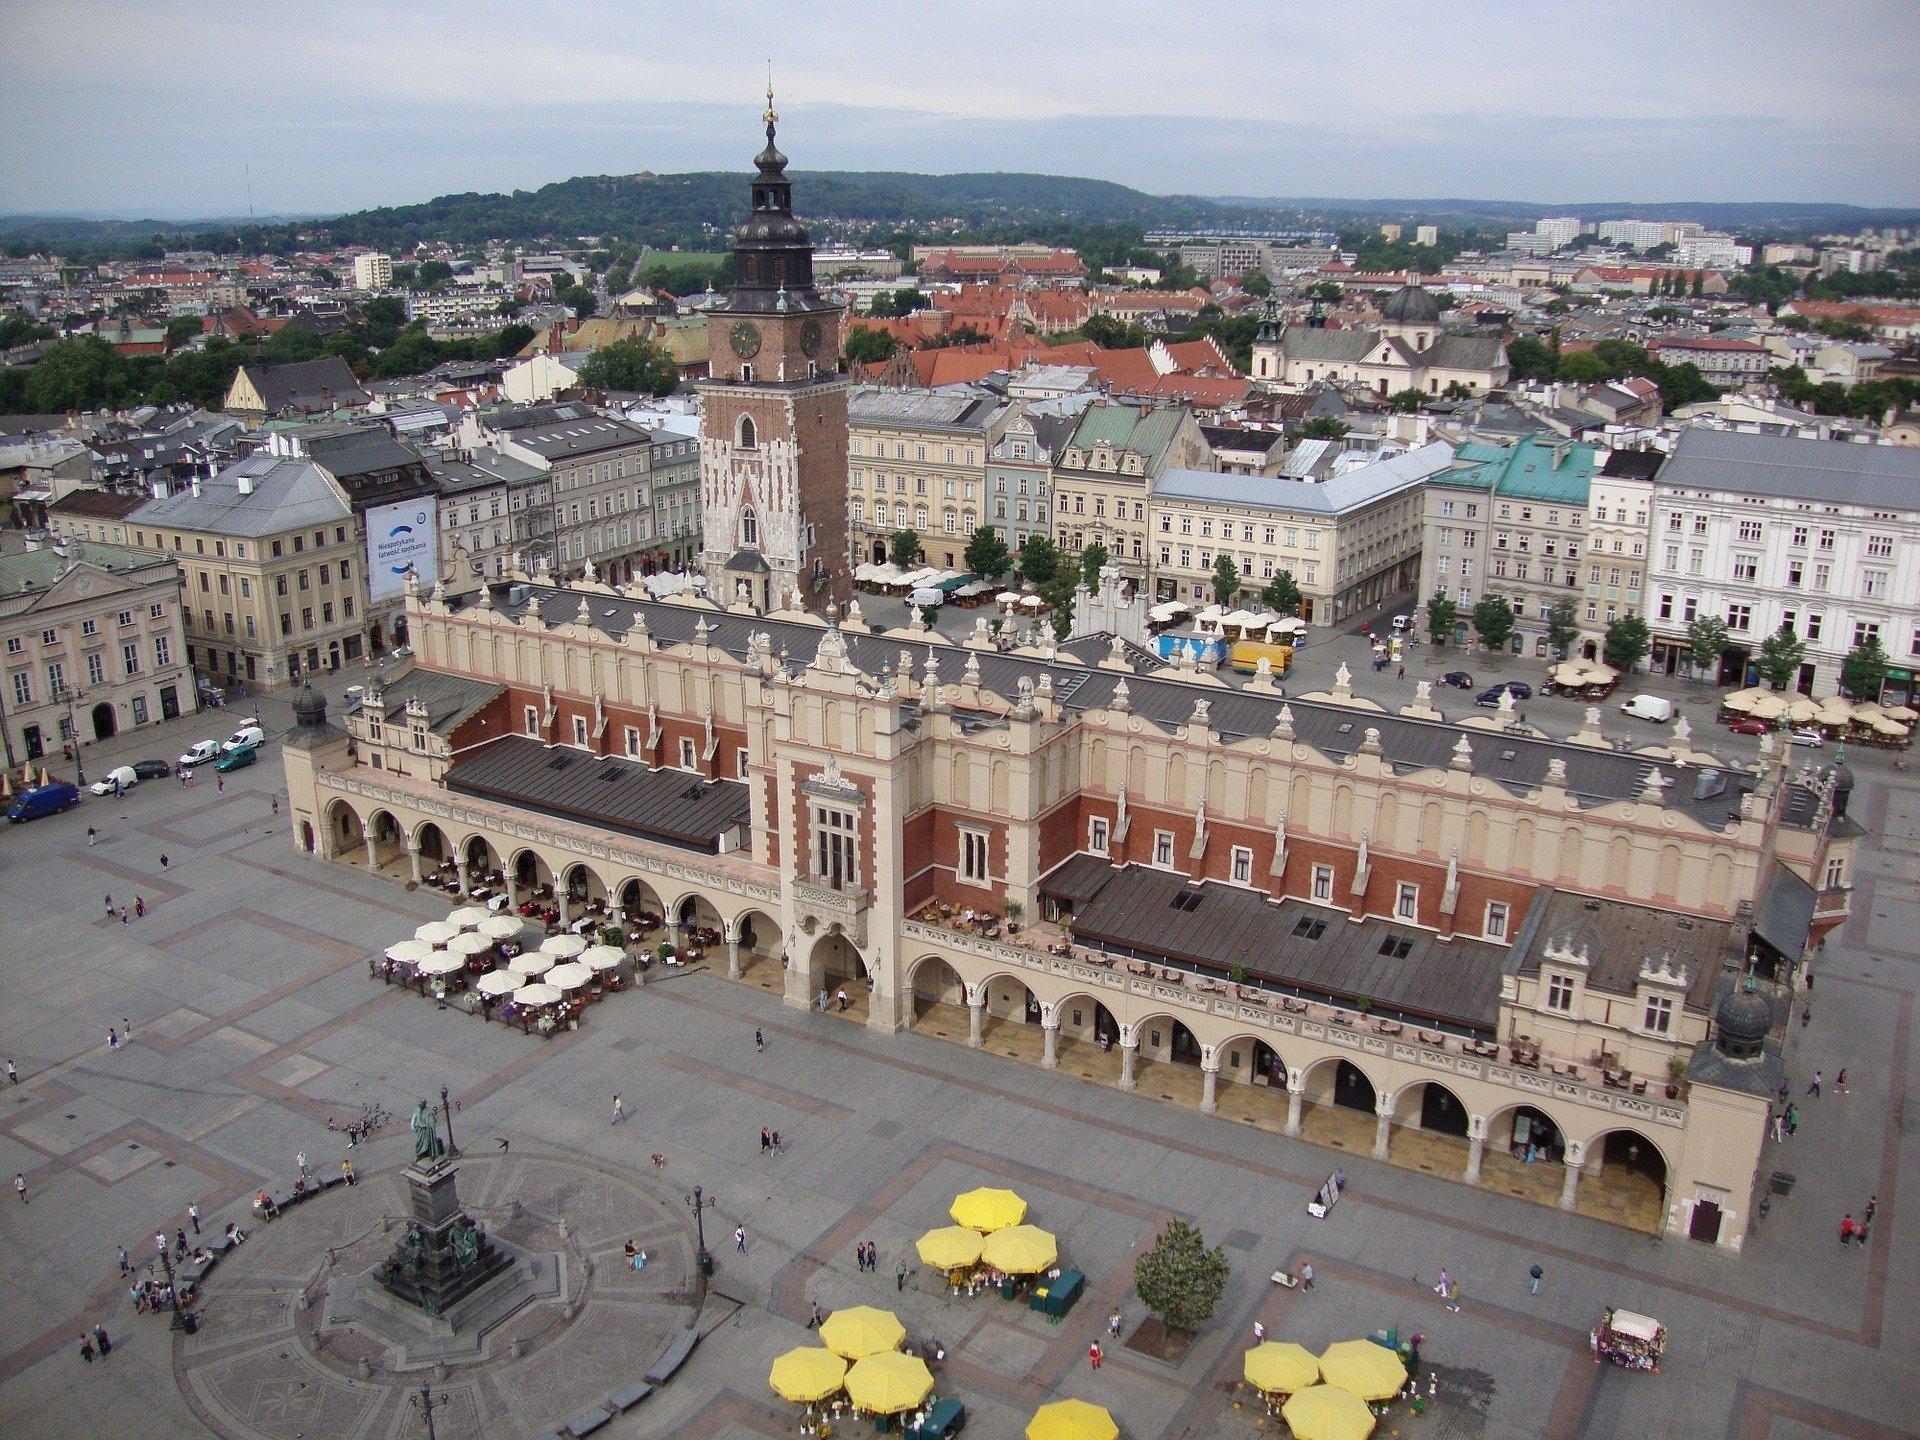 Przyleciał ptaszek z Łobzowa, piosenka o Krakowie dla dzieci, tekst i melodia